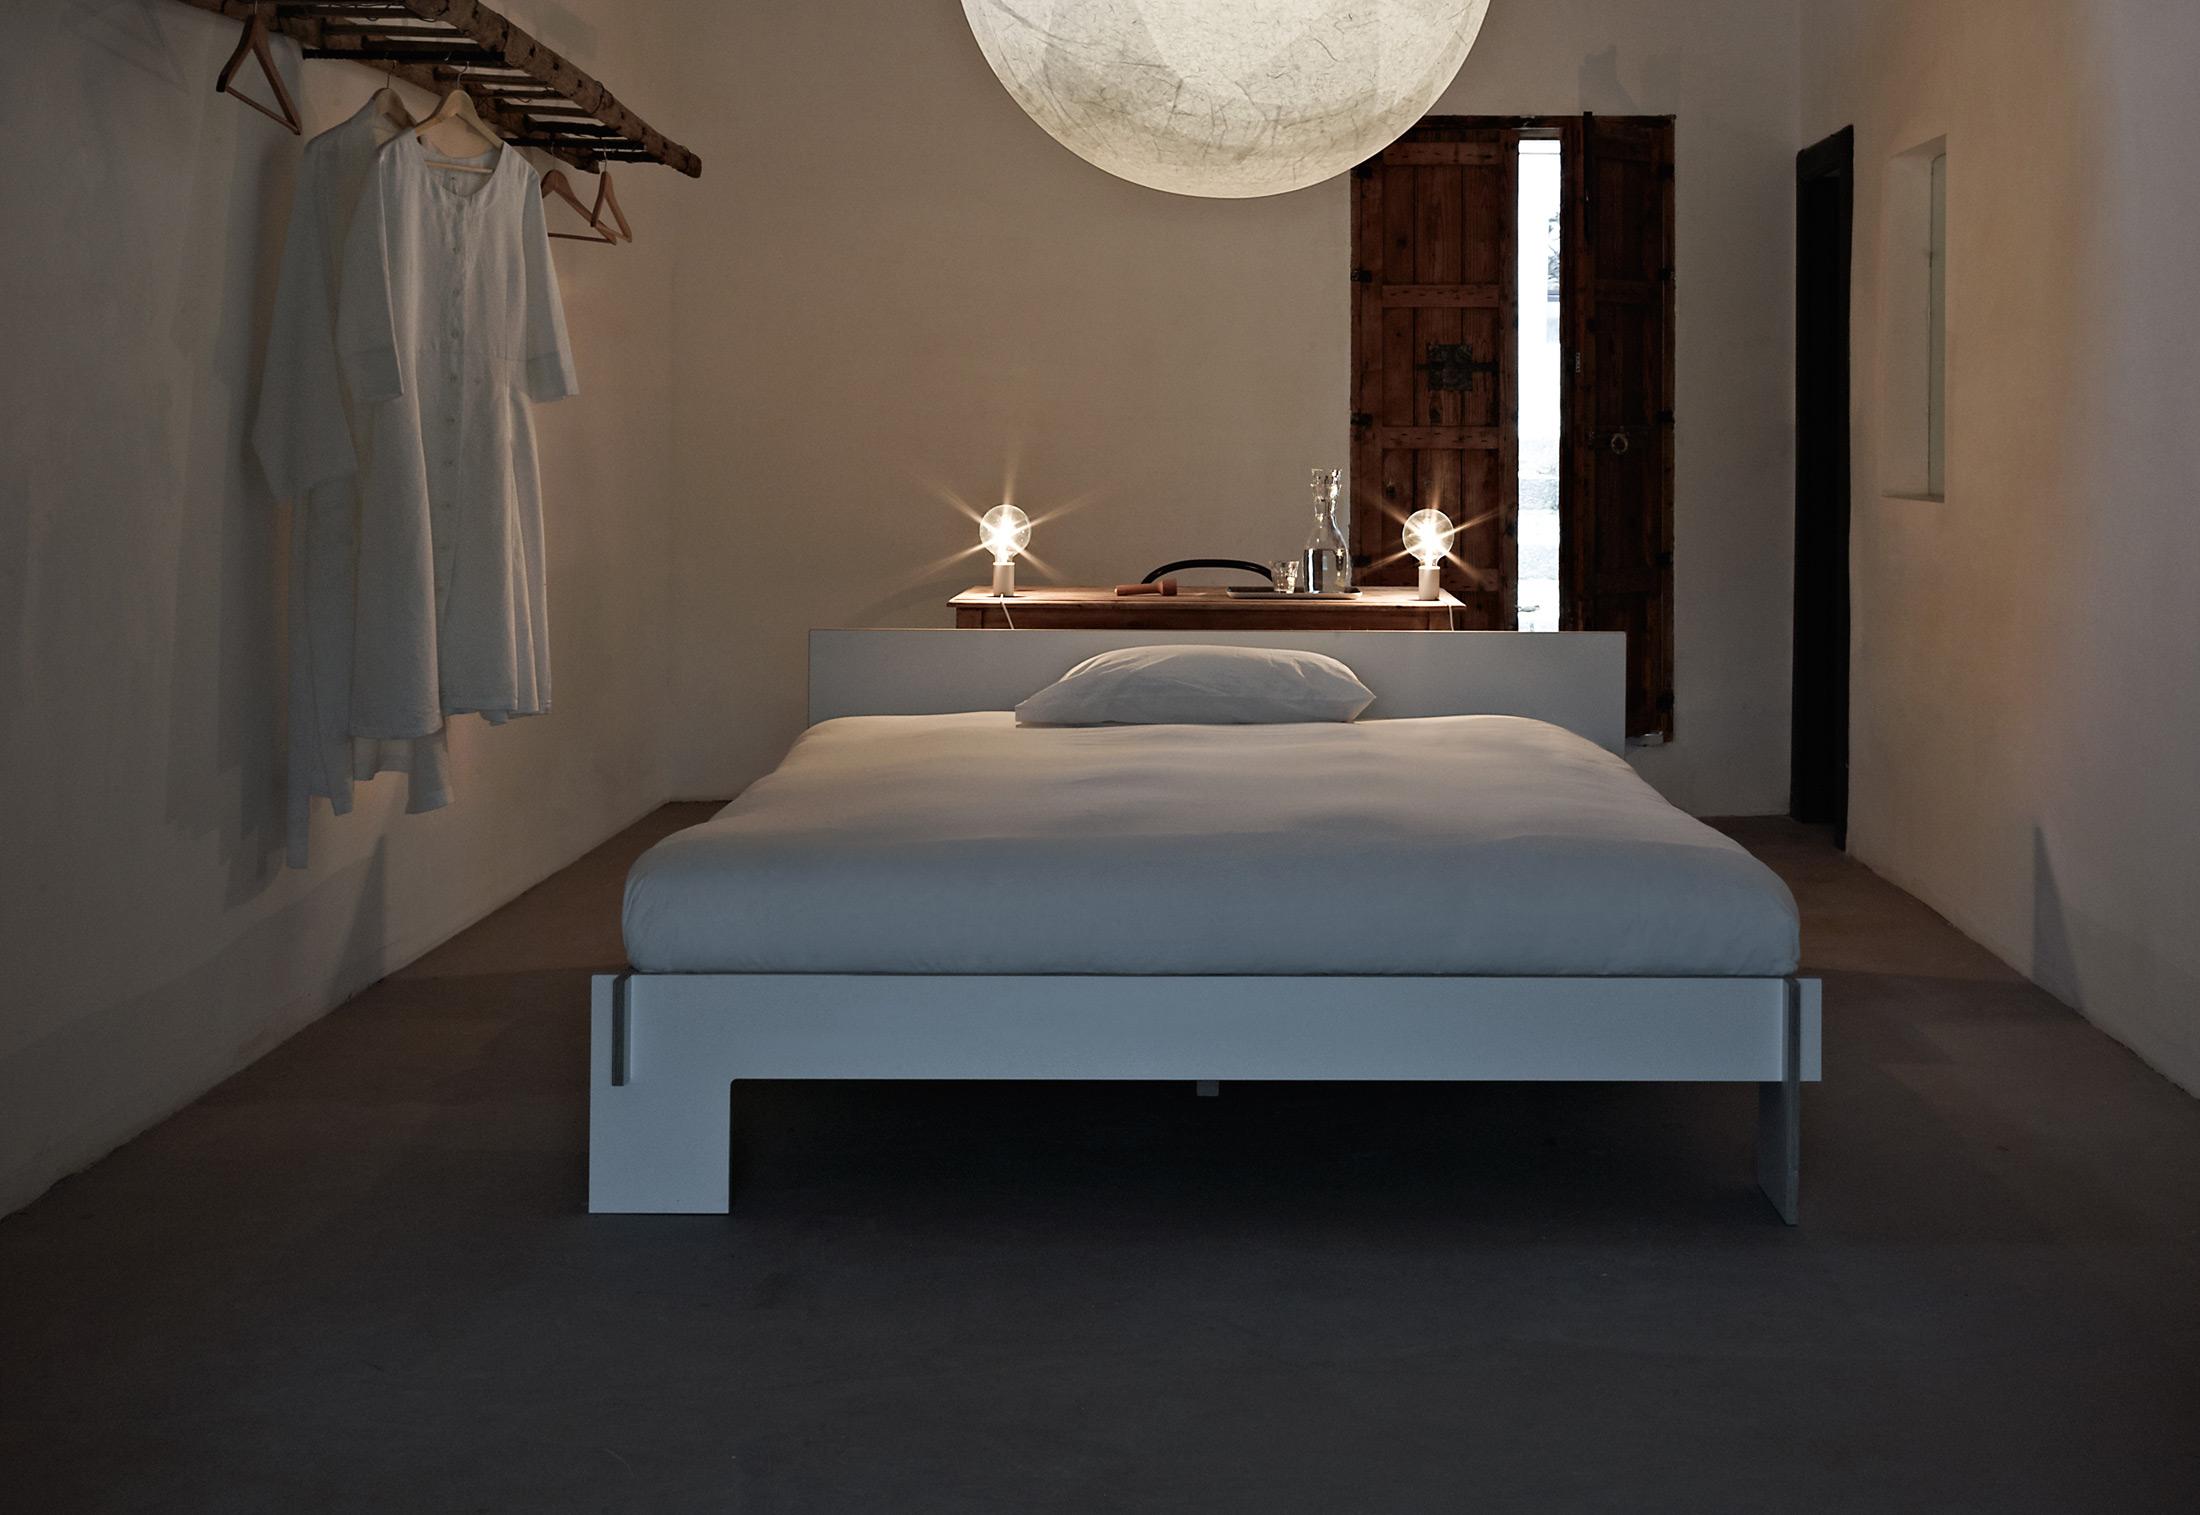 siebenschl fer by nils holger moormann stylepark. Black Bedroom Furniture Sets. Home Design Ideas